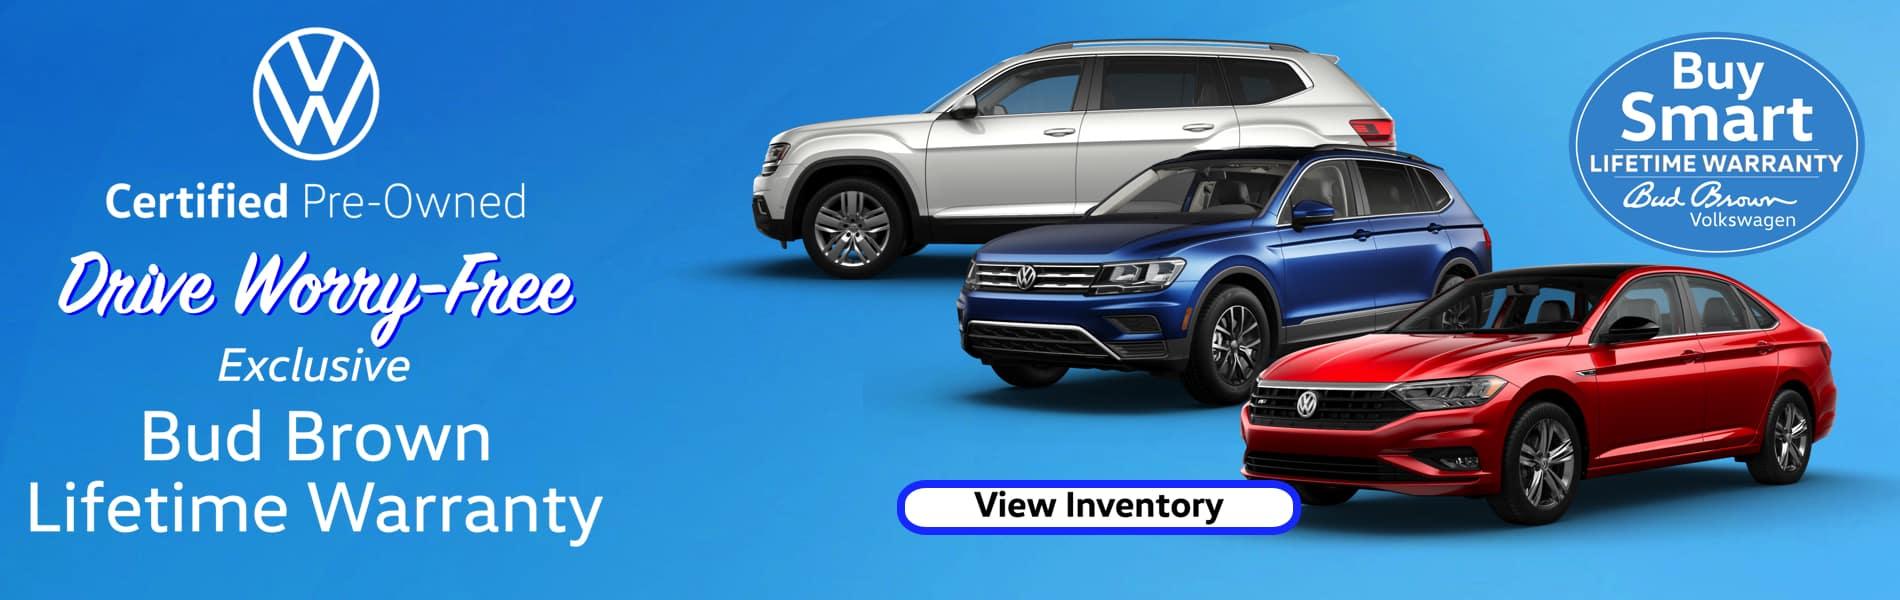 VW Certified Deals at Bud Brown Volkswagen